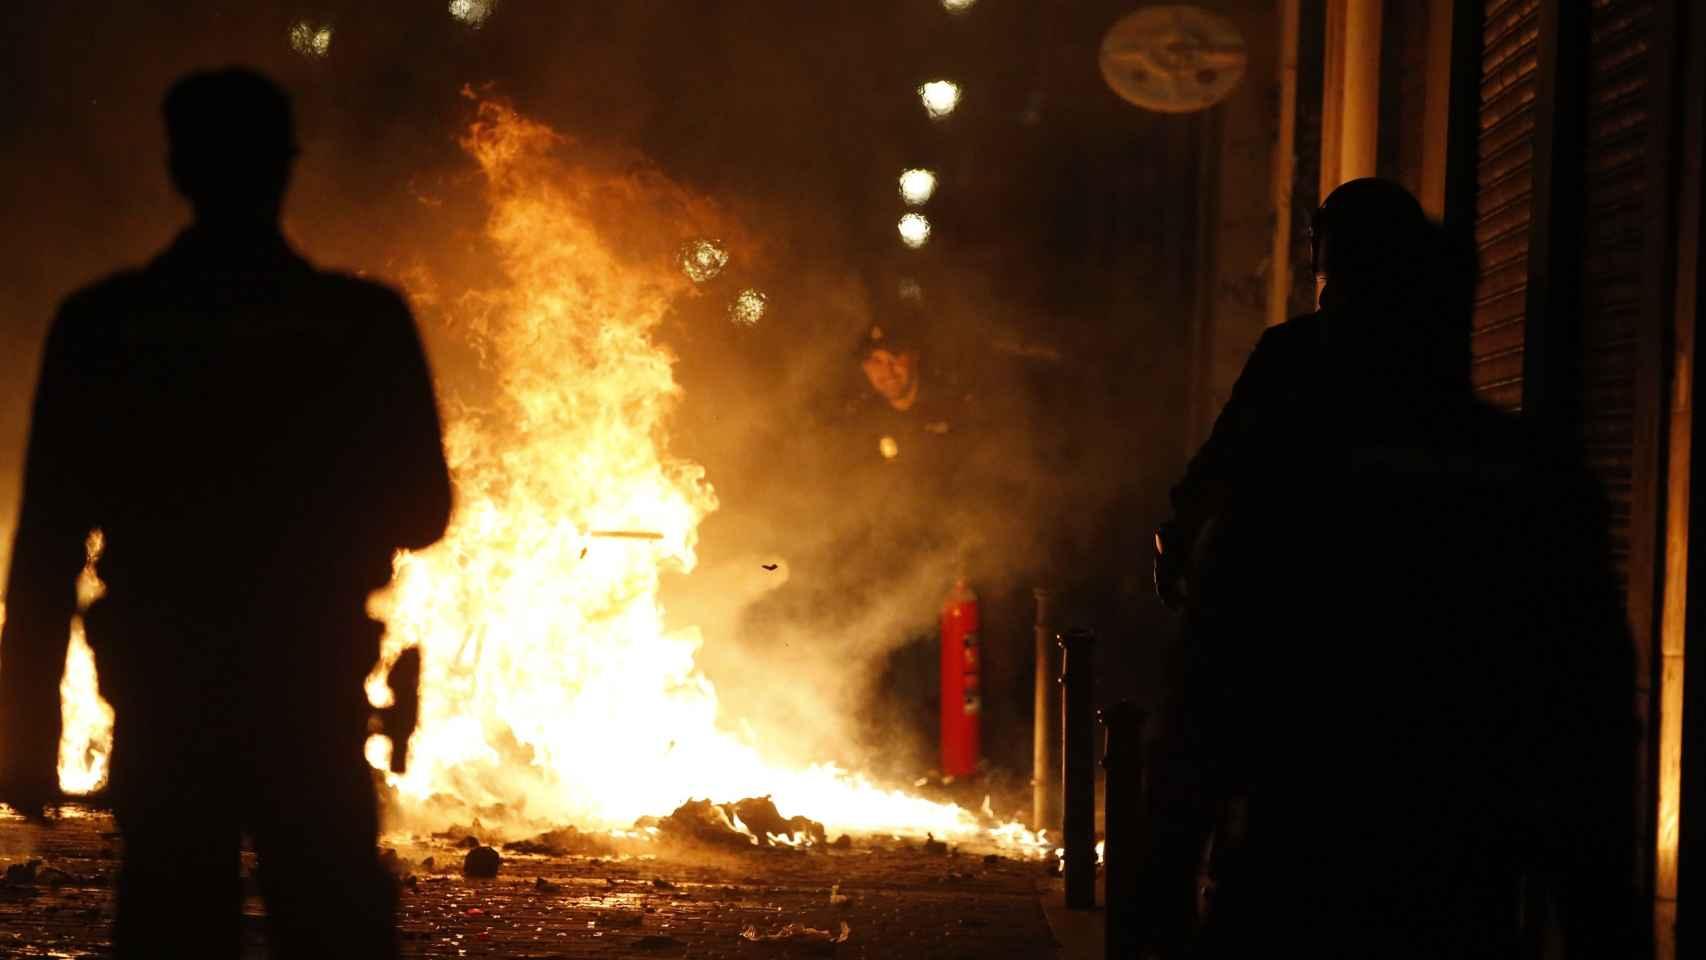 Dos personas presencia los contenedores y la basura quemados en una de las calles del barrio madrileño